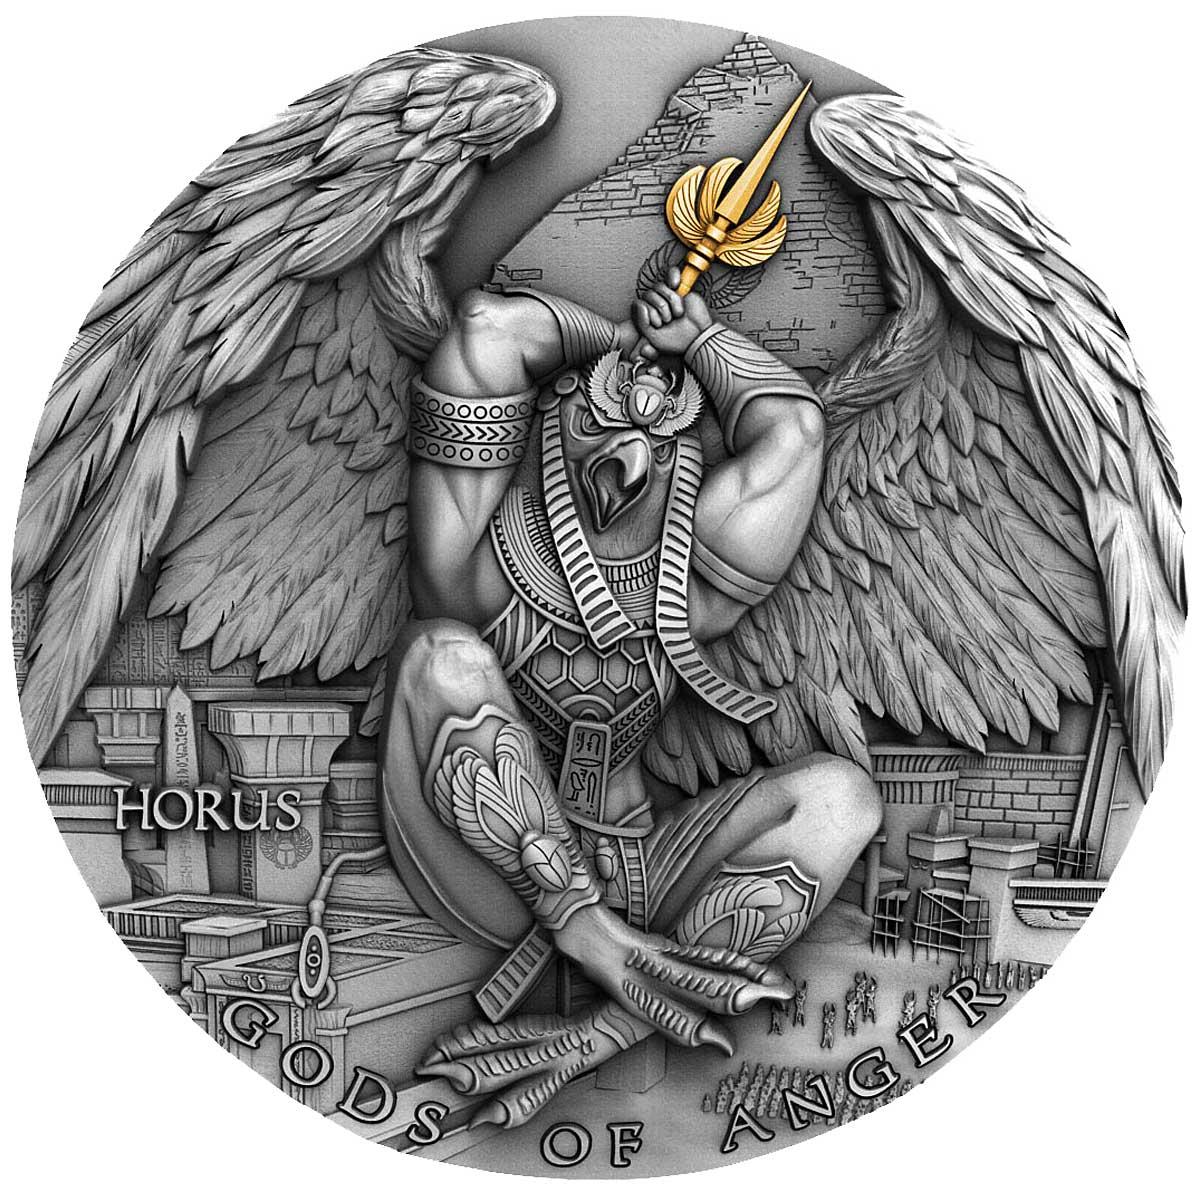 GODS OF ANGER: HORUS 2020 Niue 2oz silver coin